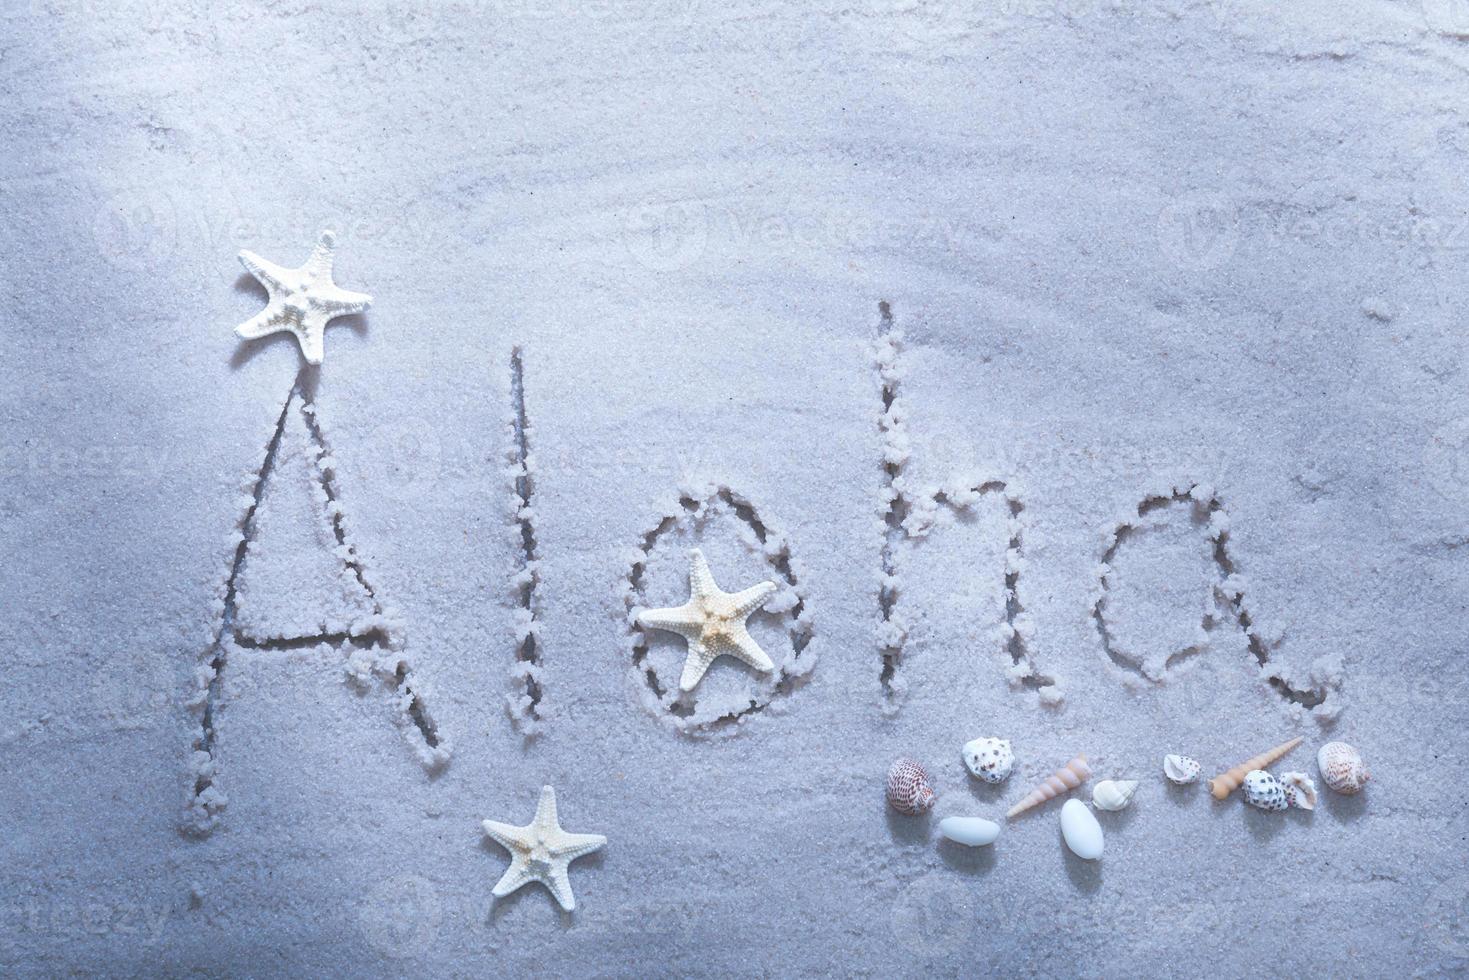 aloha beach escribiendo con conchas marinas foto